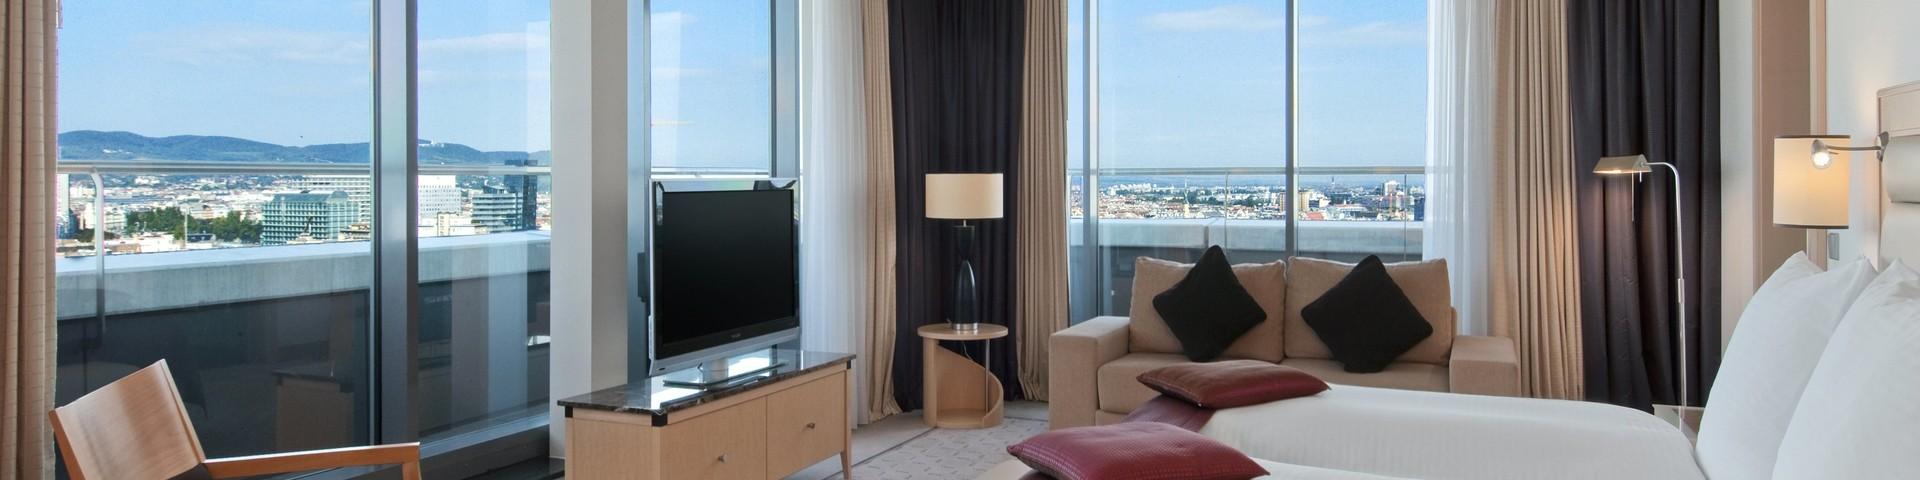 Hilton Vienna - Präsidenten Suite Schlafraum © Hilton Vienna